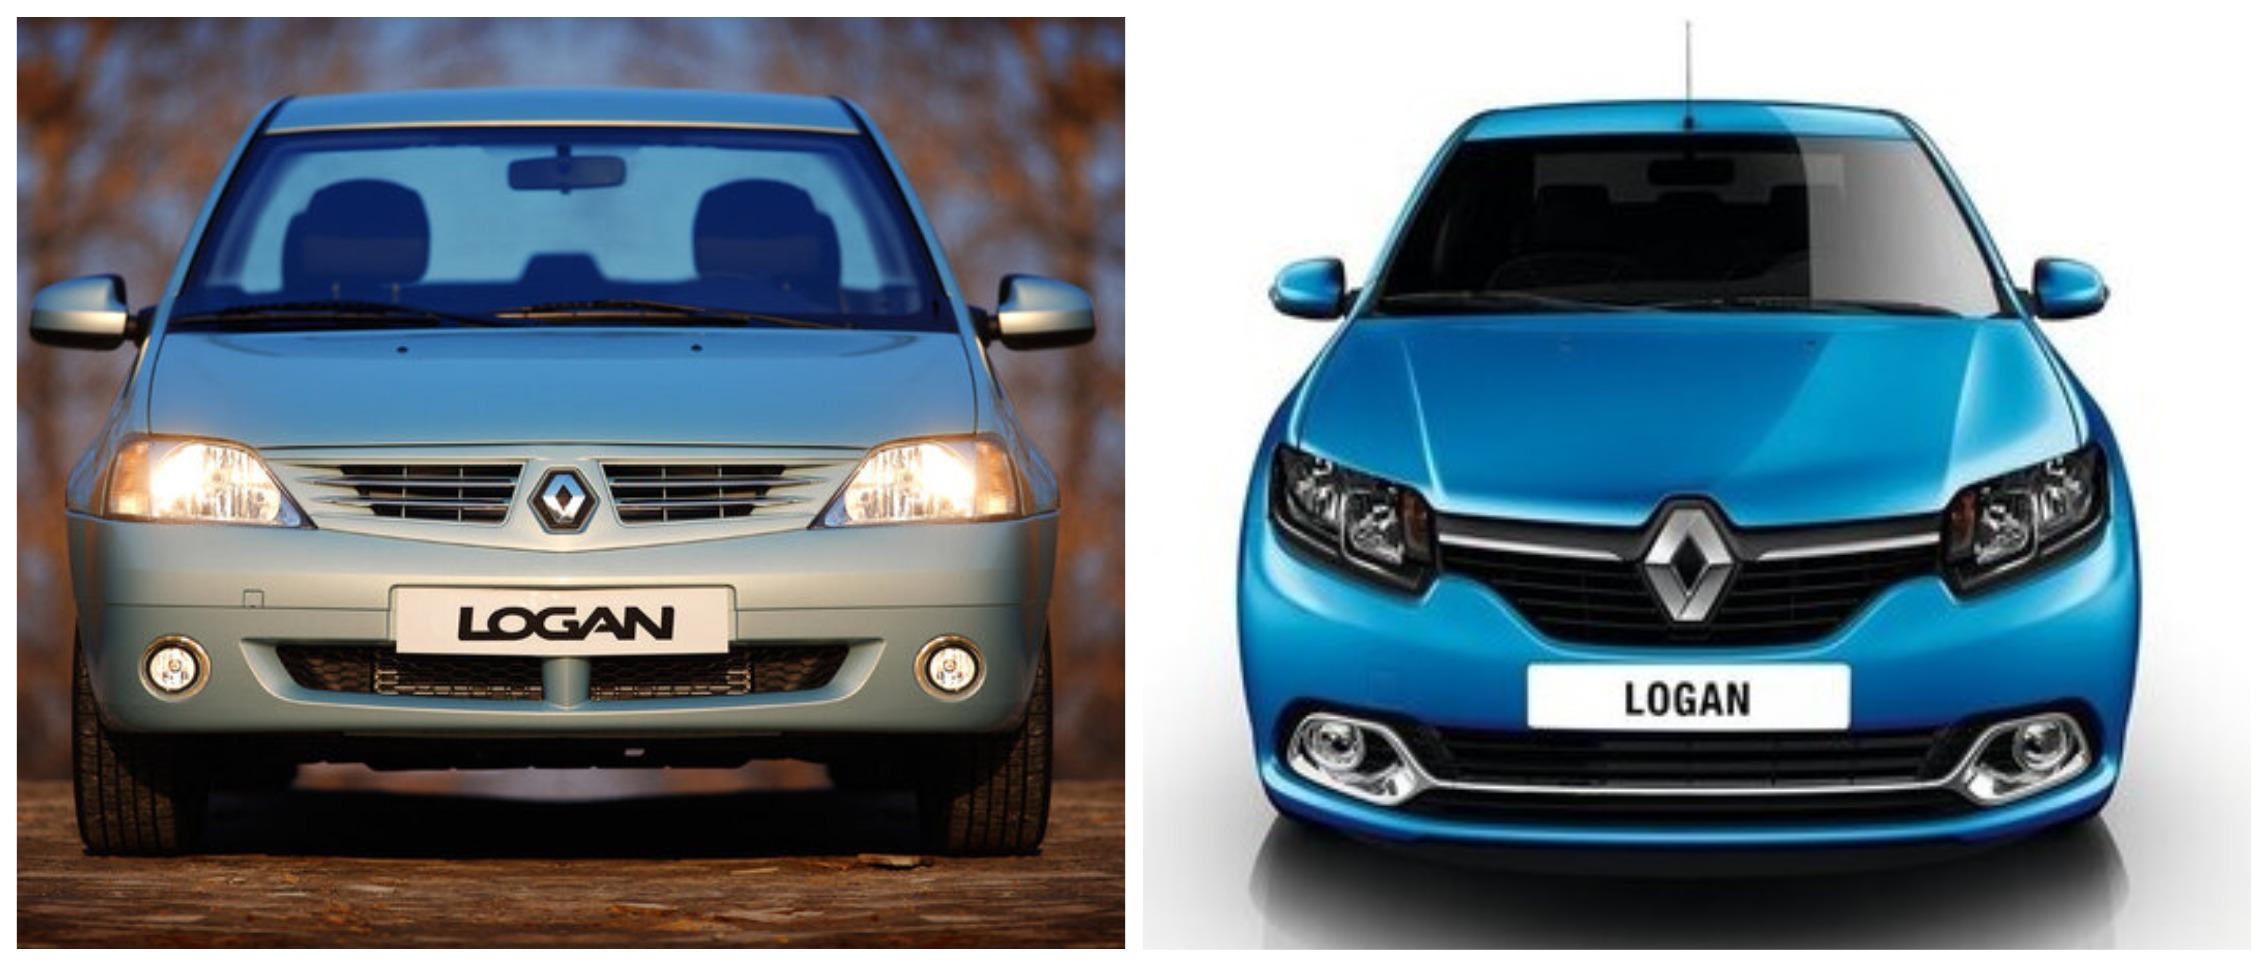 Renault Logan 2004 / Renault Logan 2014